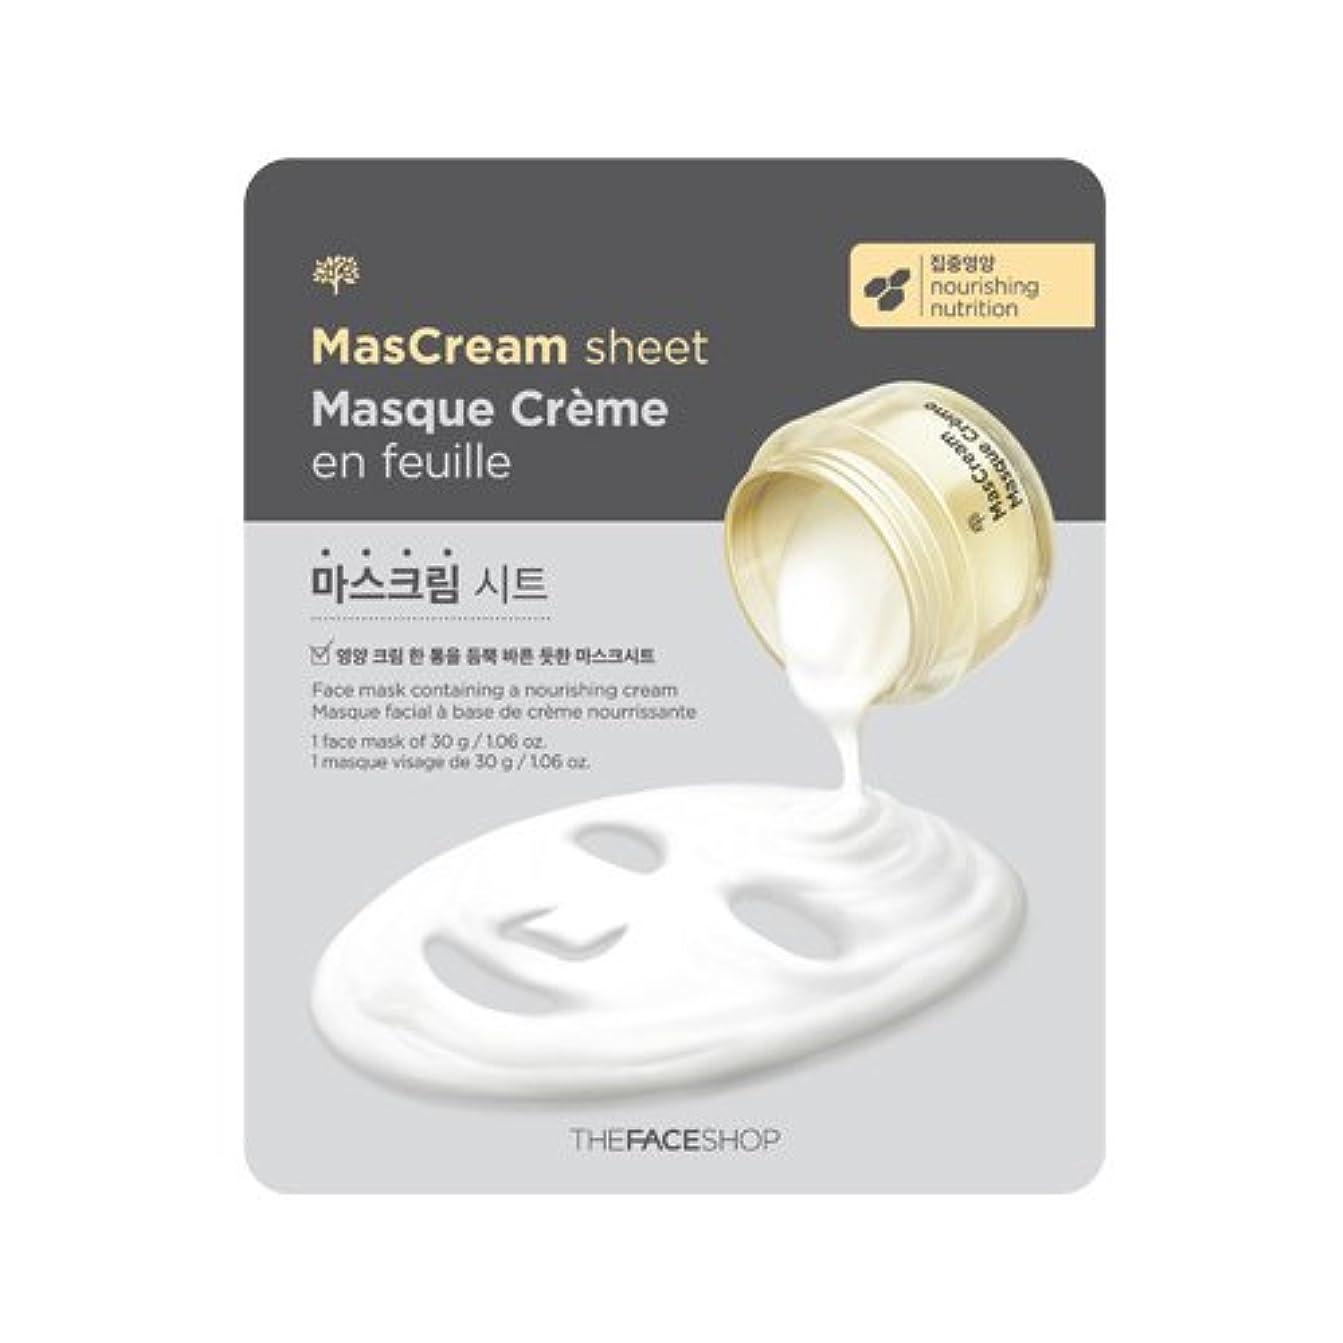 ミットフローオッズザフェイスショップ [THE FACE SHOP] MASCREAM SHEET x 2sheets マスクリームパック 2枚 (栄養 / NOURISHING) [並行輸入品]